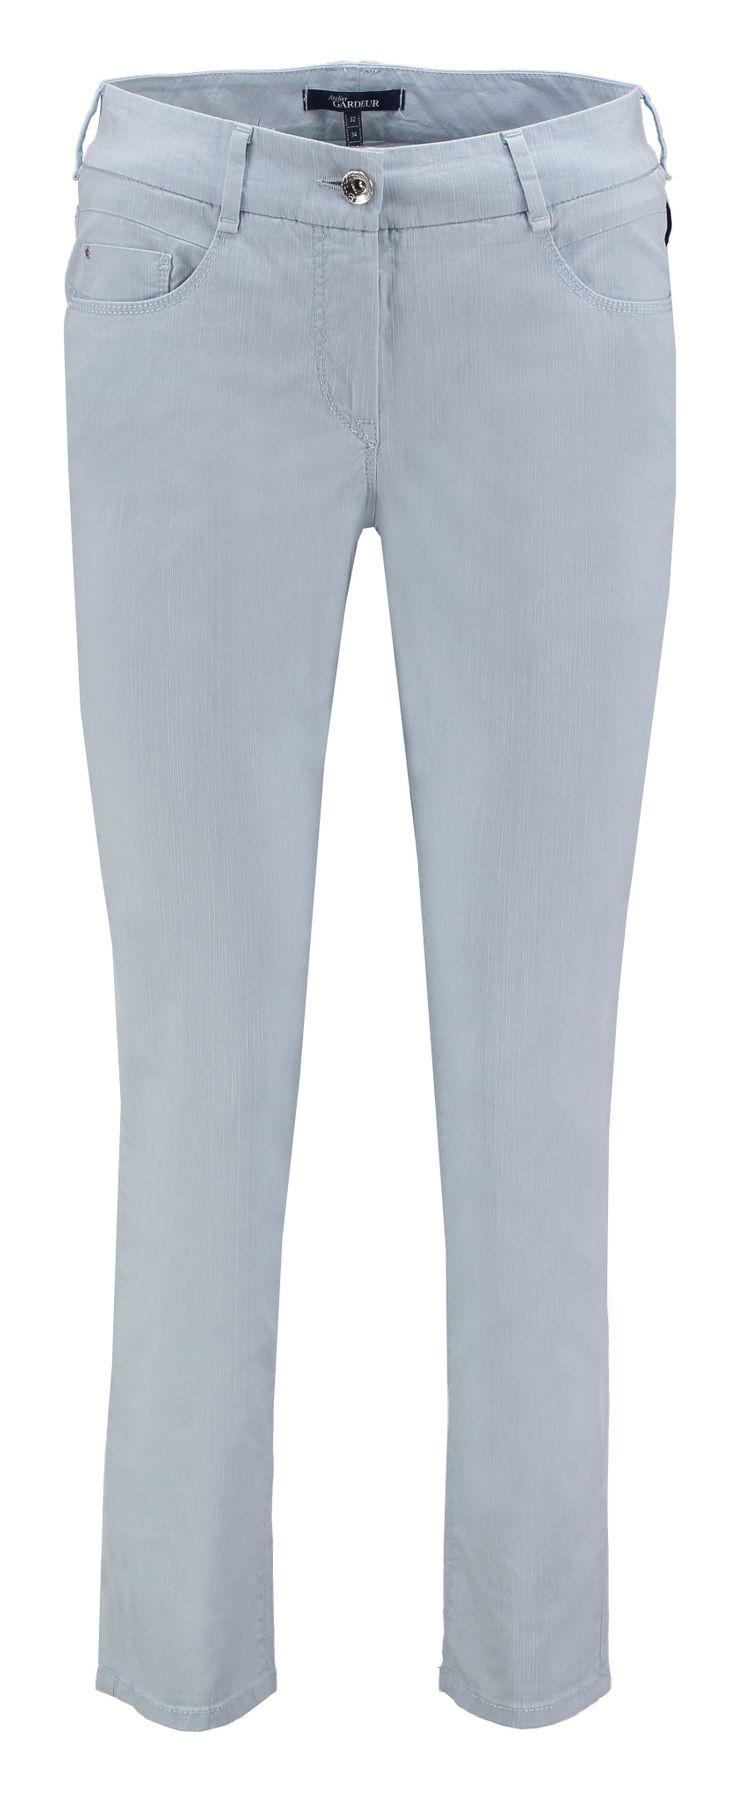 Atelier Gardeur - Slim Fit - Damen 5-Pocket Röhrenhose aus Baumwollstretch Zuri24 000102-600101) – Bild 2